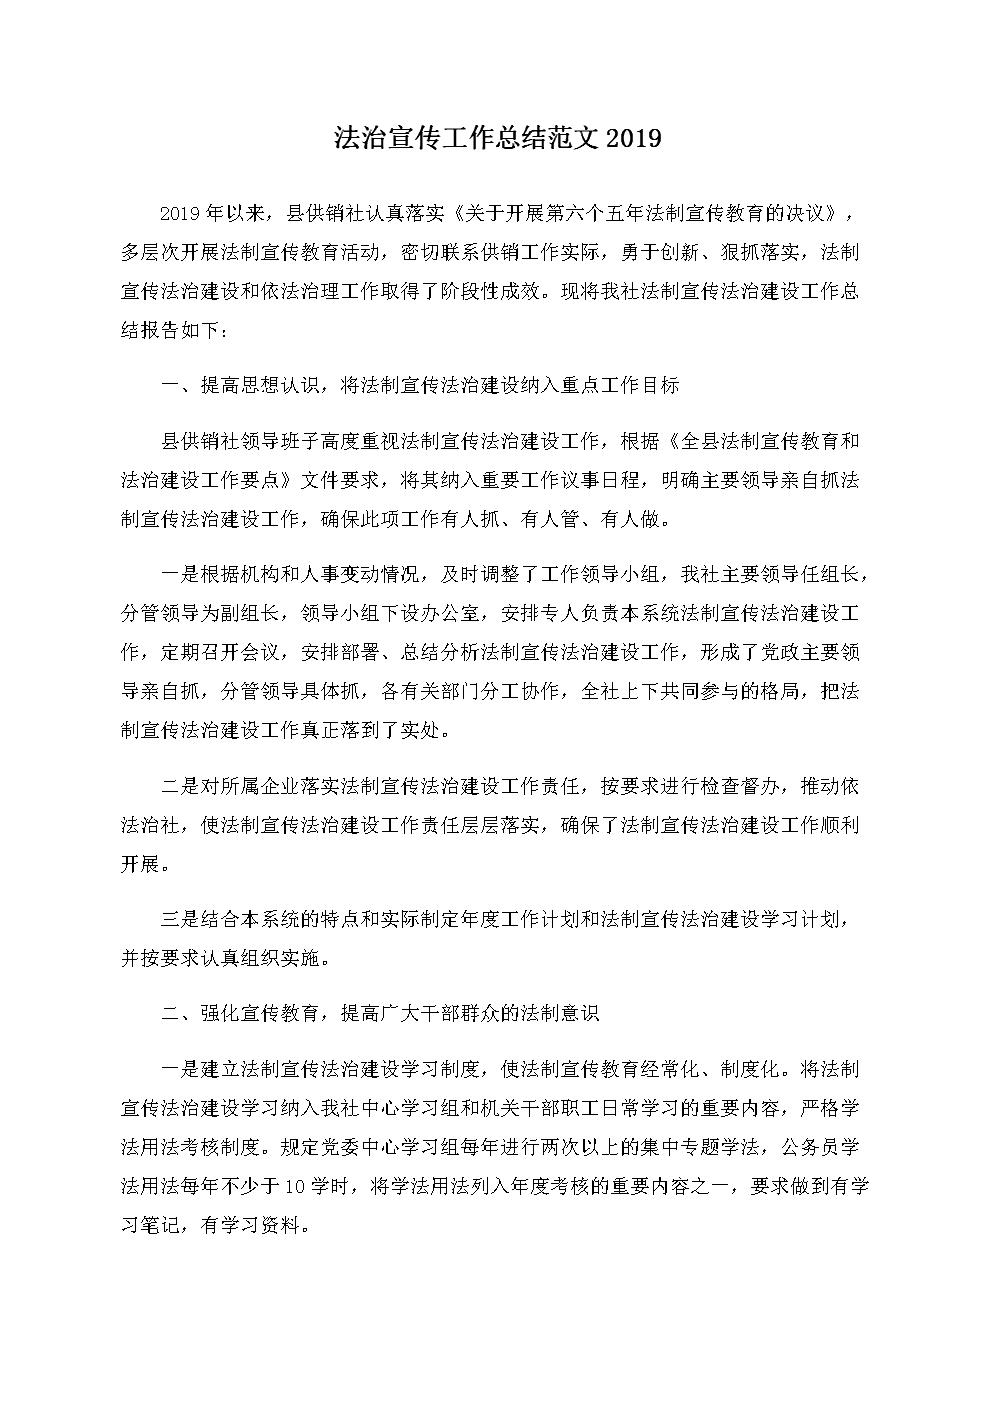 法治宣传工作总结范文2019.docx